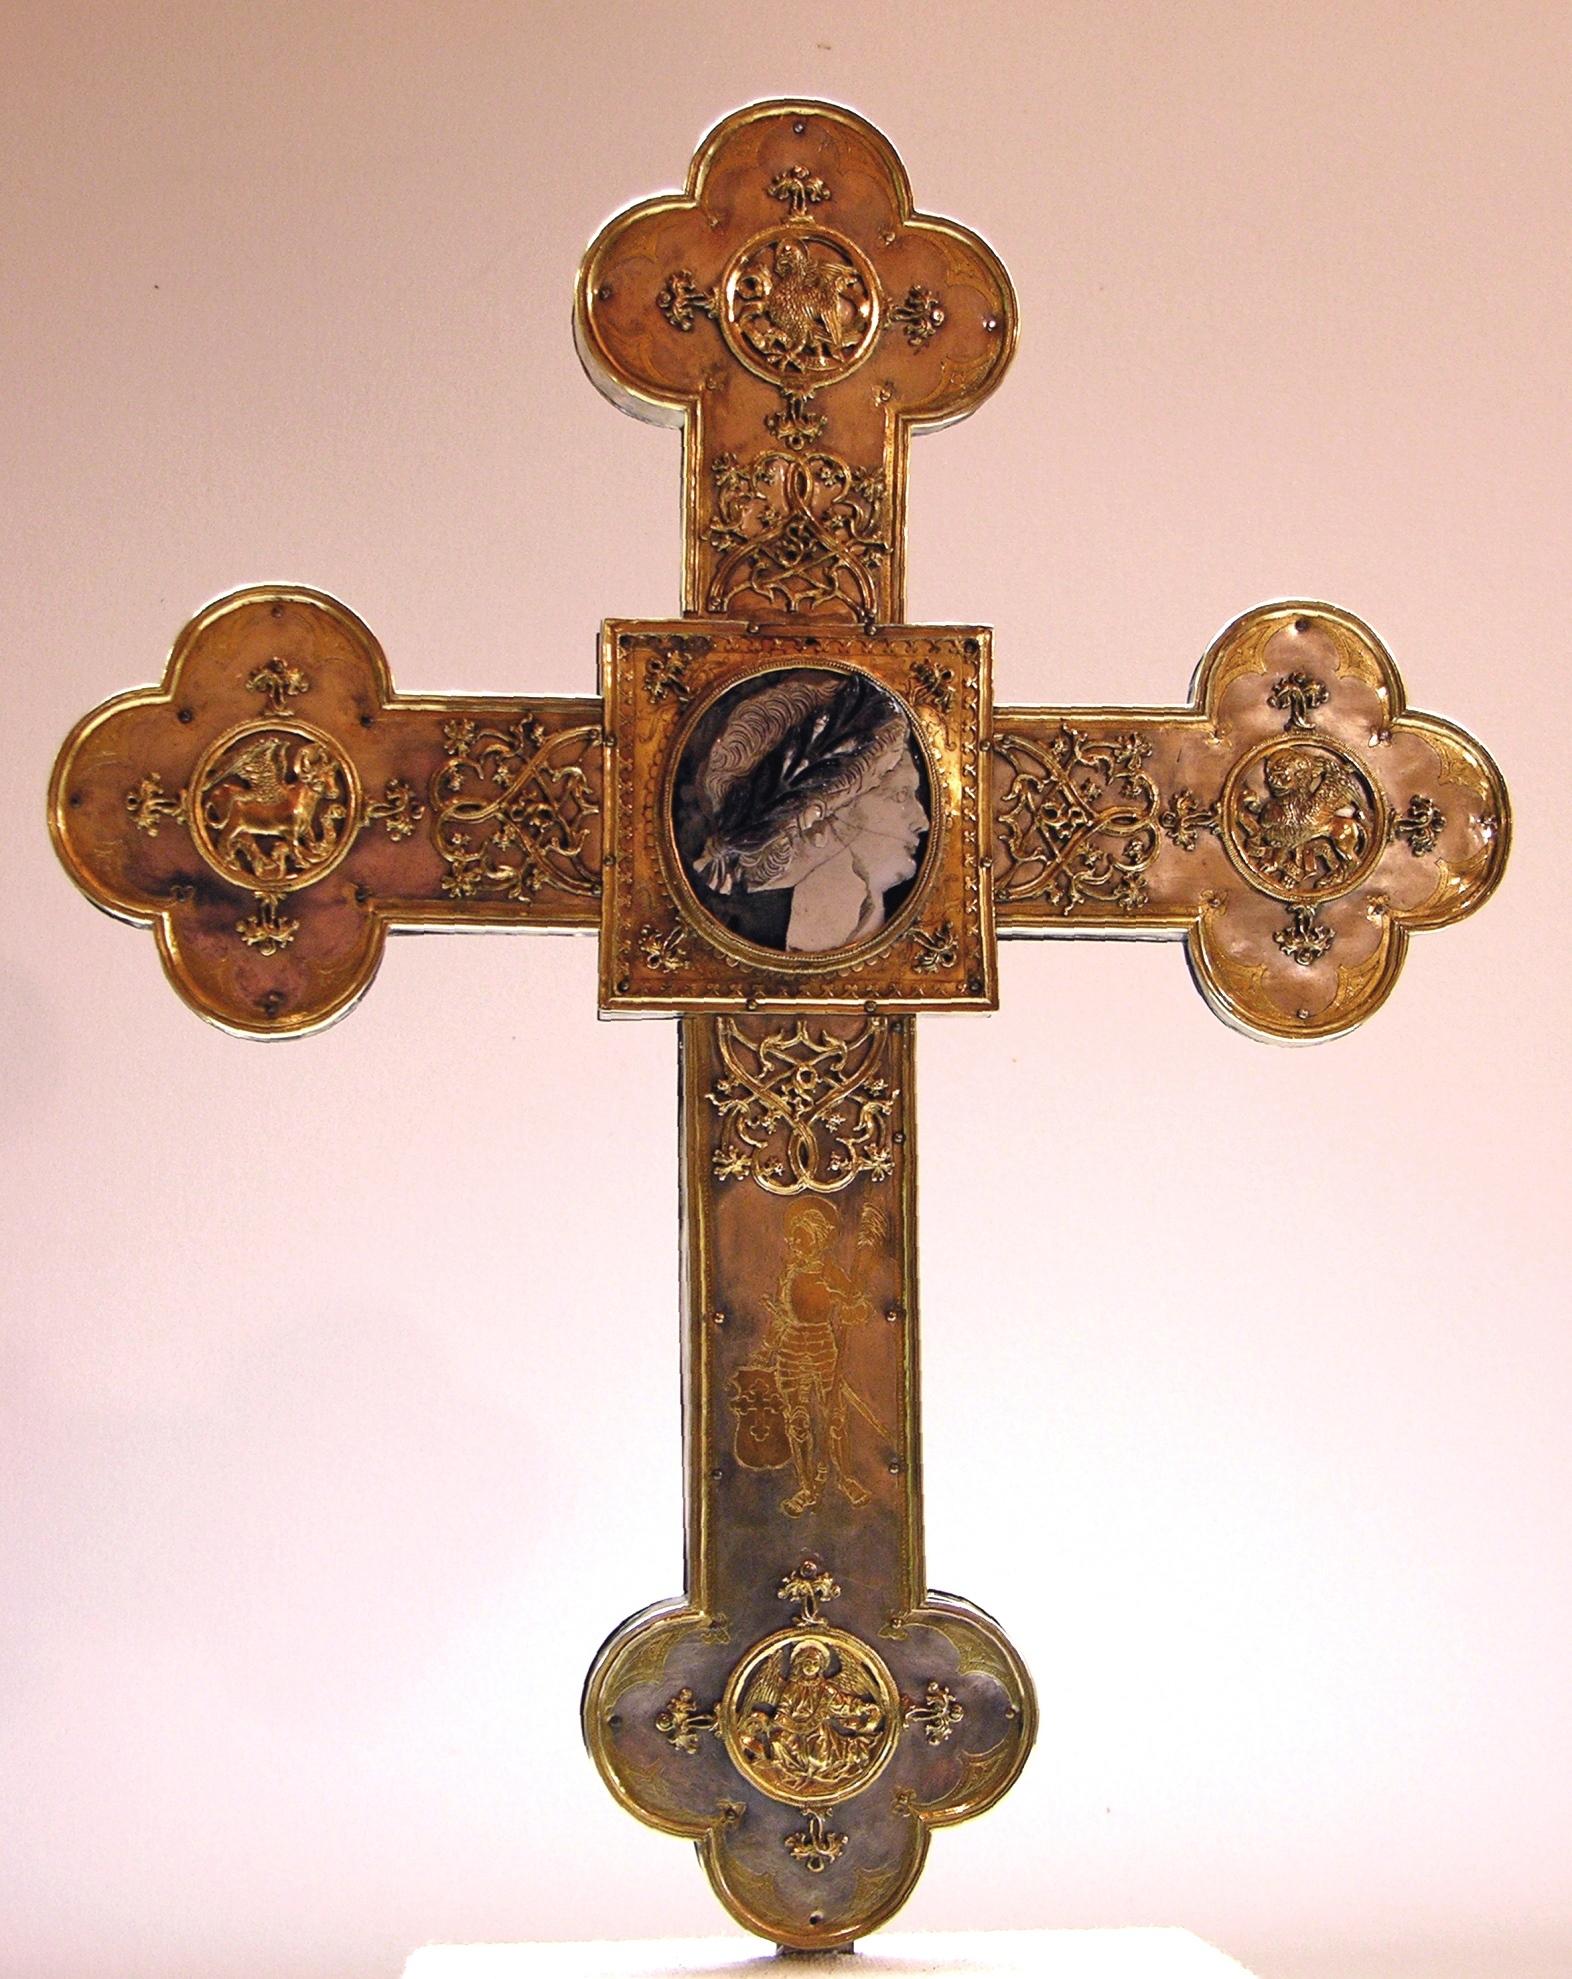 Museum am Dom: Stiftskreuz mit Nero Kamee, 16. Jh., © Domschatz Minden, Arnold Weigelt.